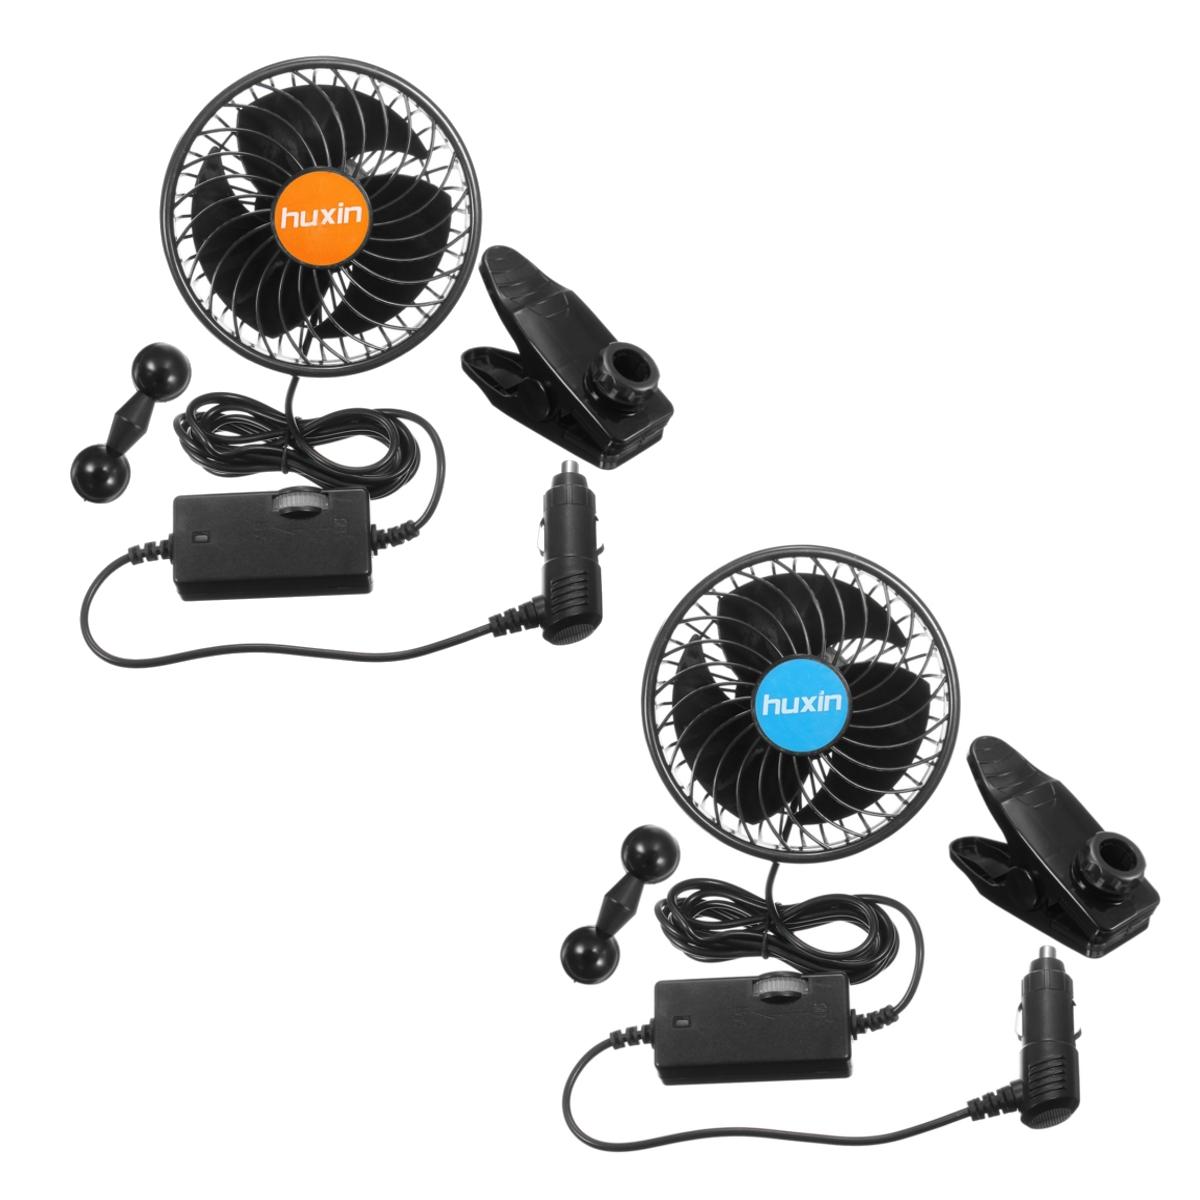 Original 12V/24V Mini Electric Air Cooling Fan Adjustable